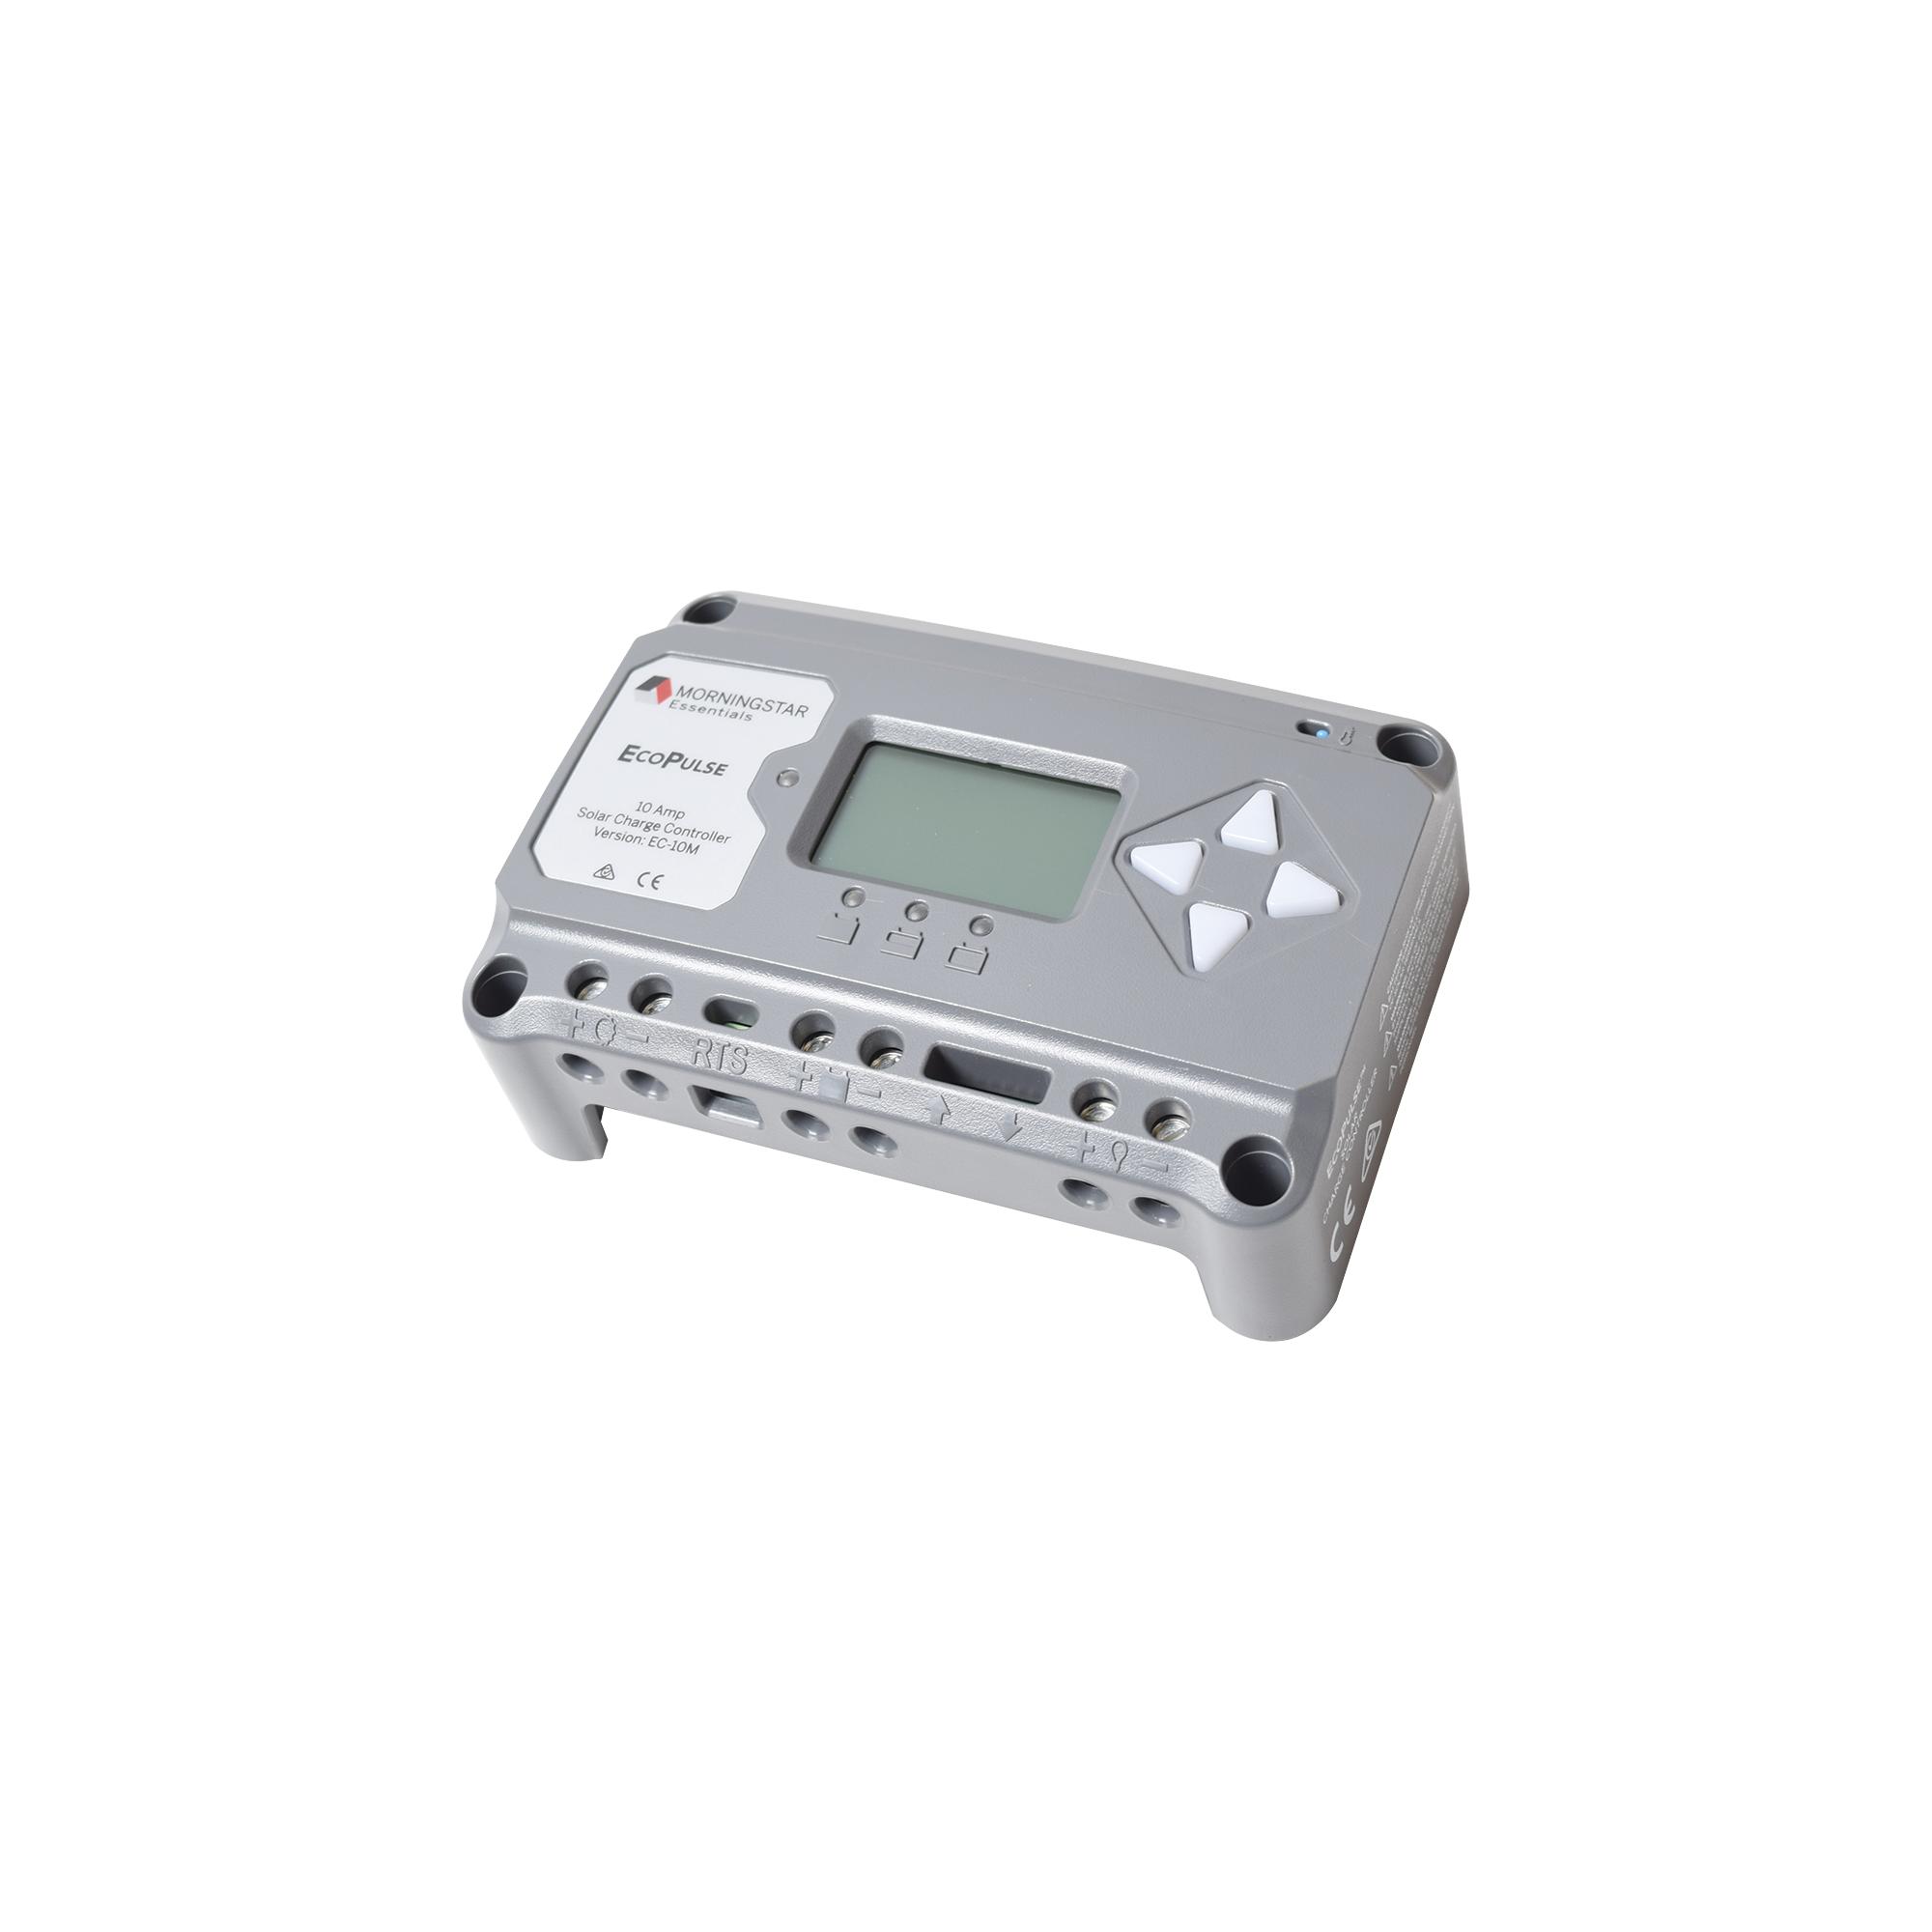 Controlador solar 12/24 Vcd de 20 Amp. Con pantalla de medición.